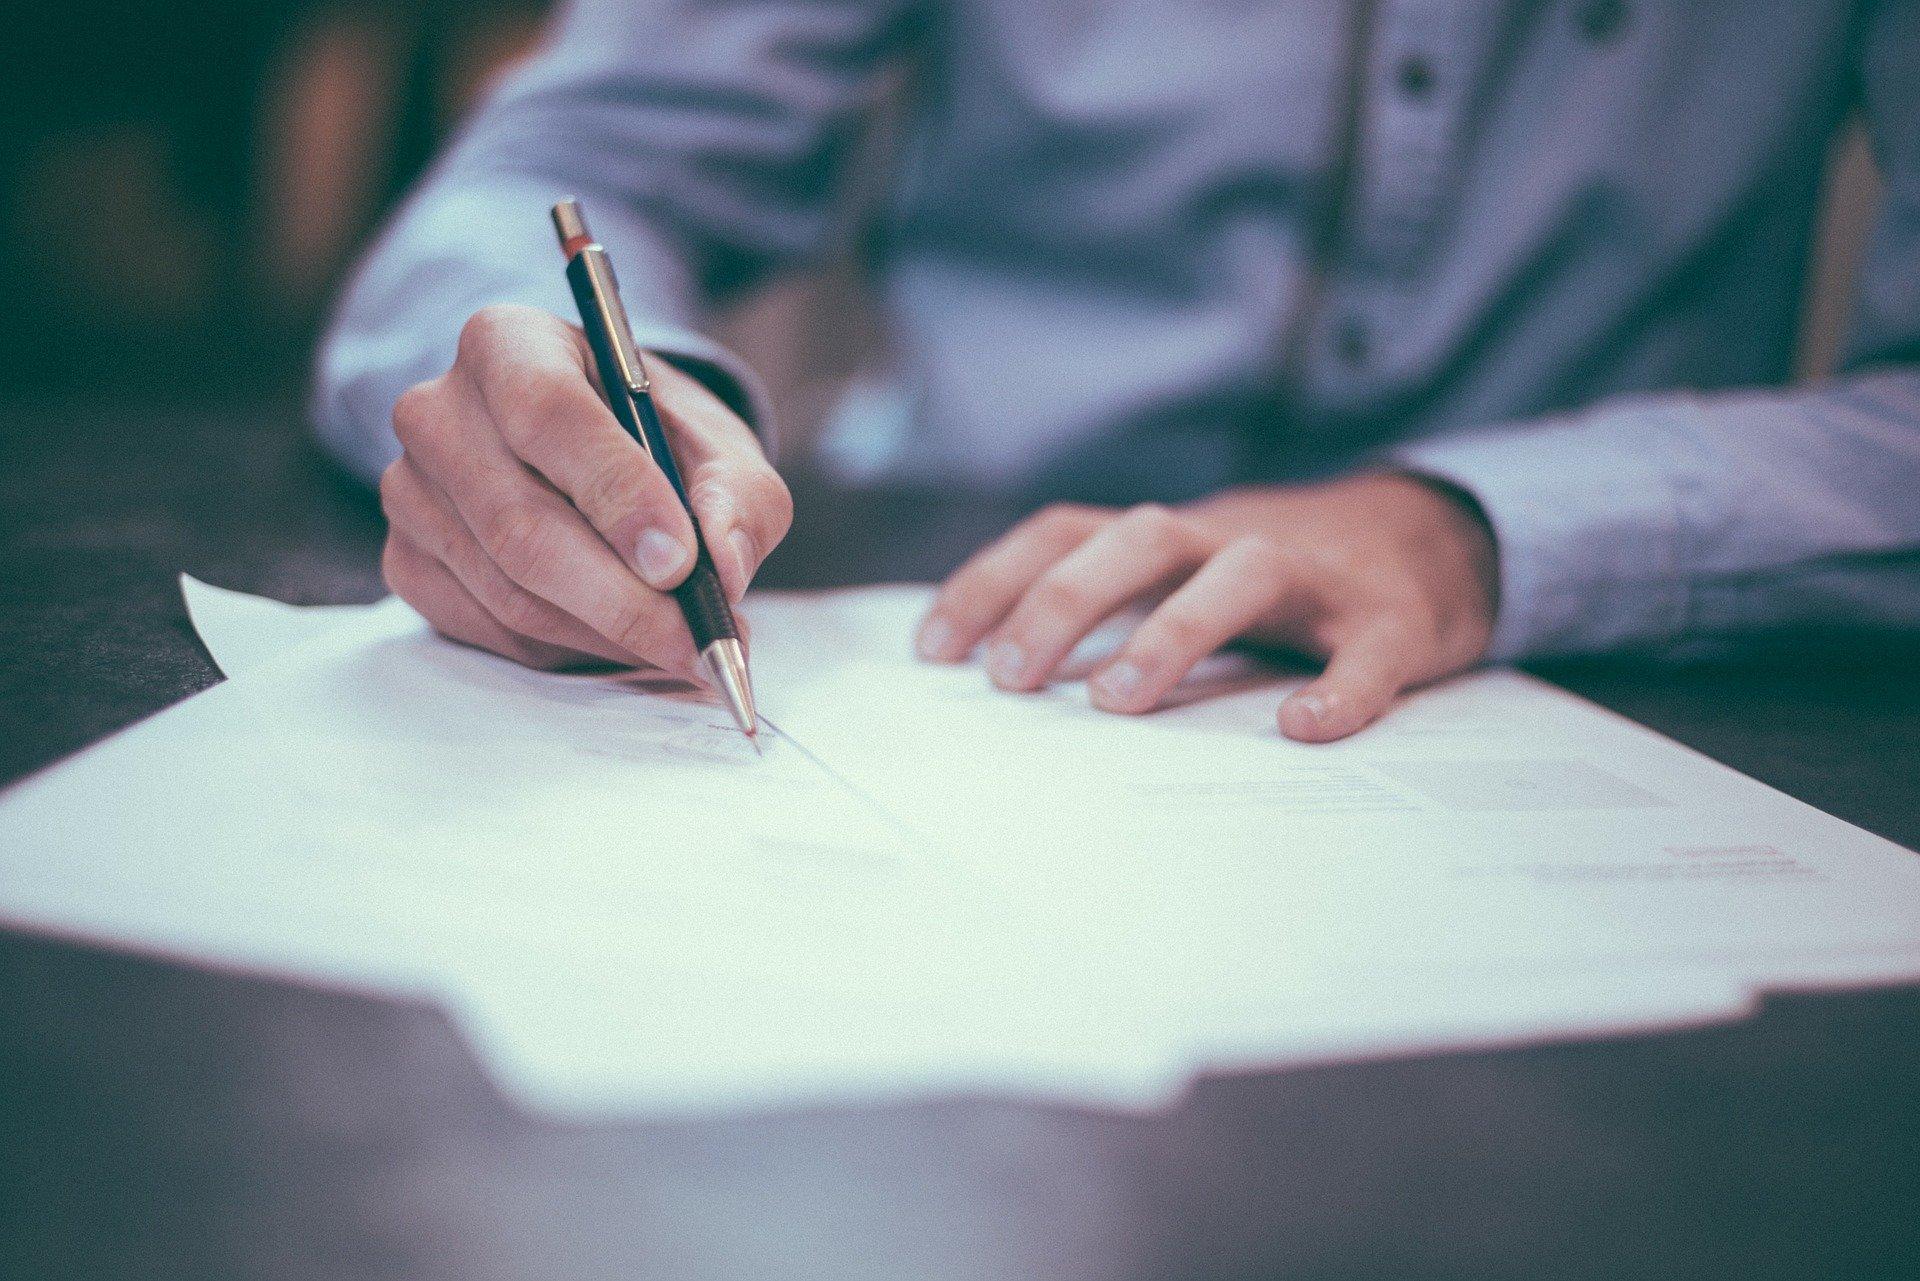 mężczyzna piszący na piórem na kartce papieru